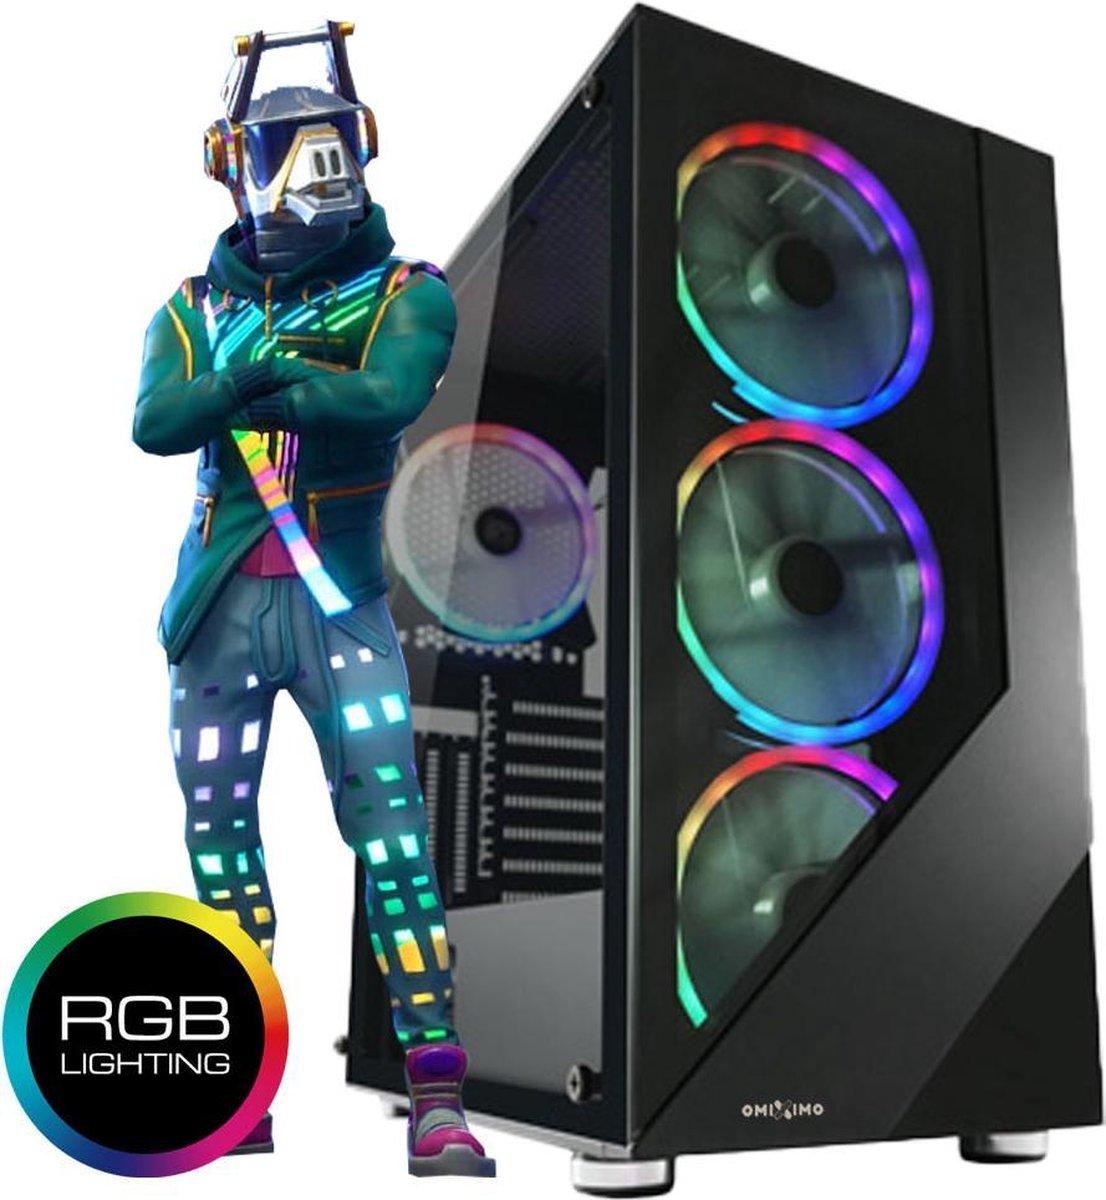 omiXimo | Game PC - AMD Ryzen 5 - GTX1650 Videokaart - 16 GB ram - 480 GB SSD | Geschikt voor: Fortnite, Minecraft, Sims 4 en League of Legends